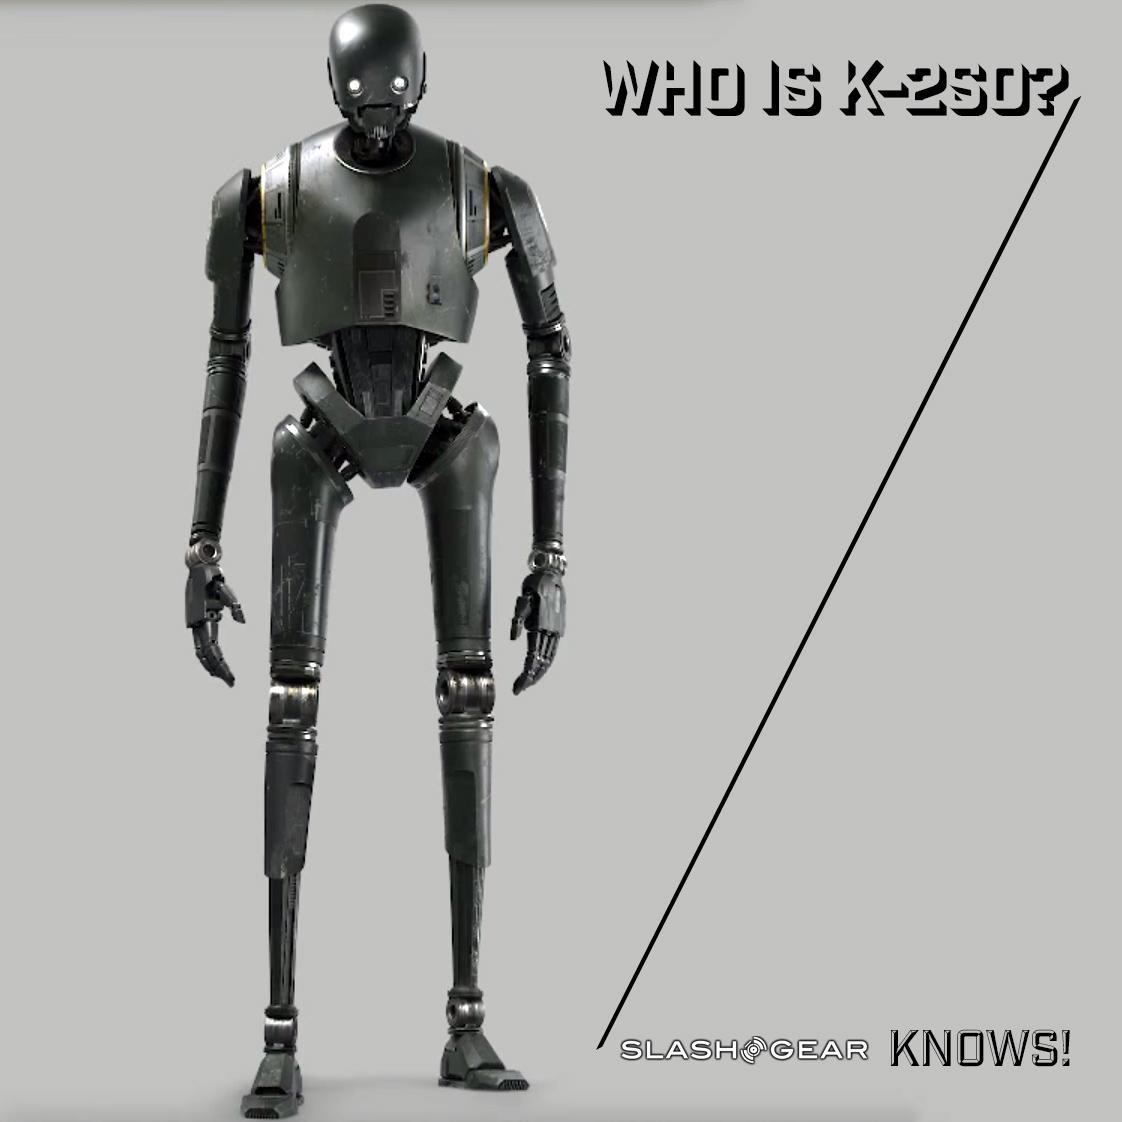 k2so2222